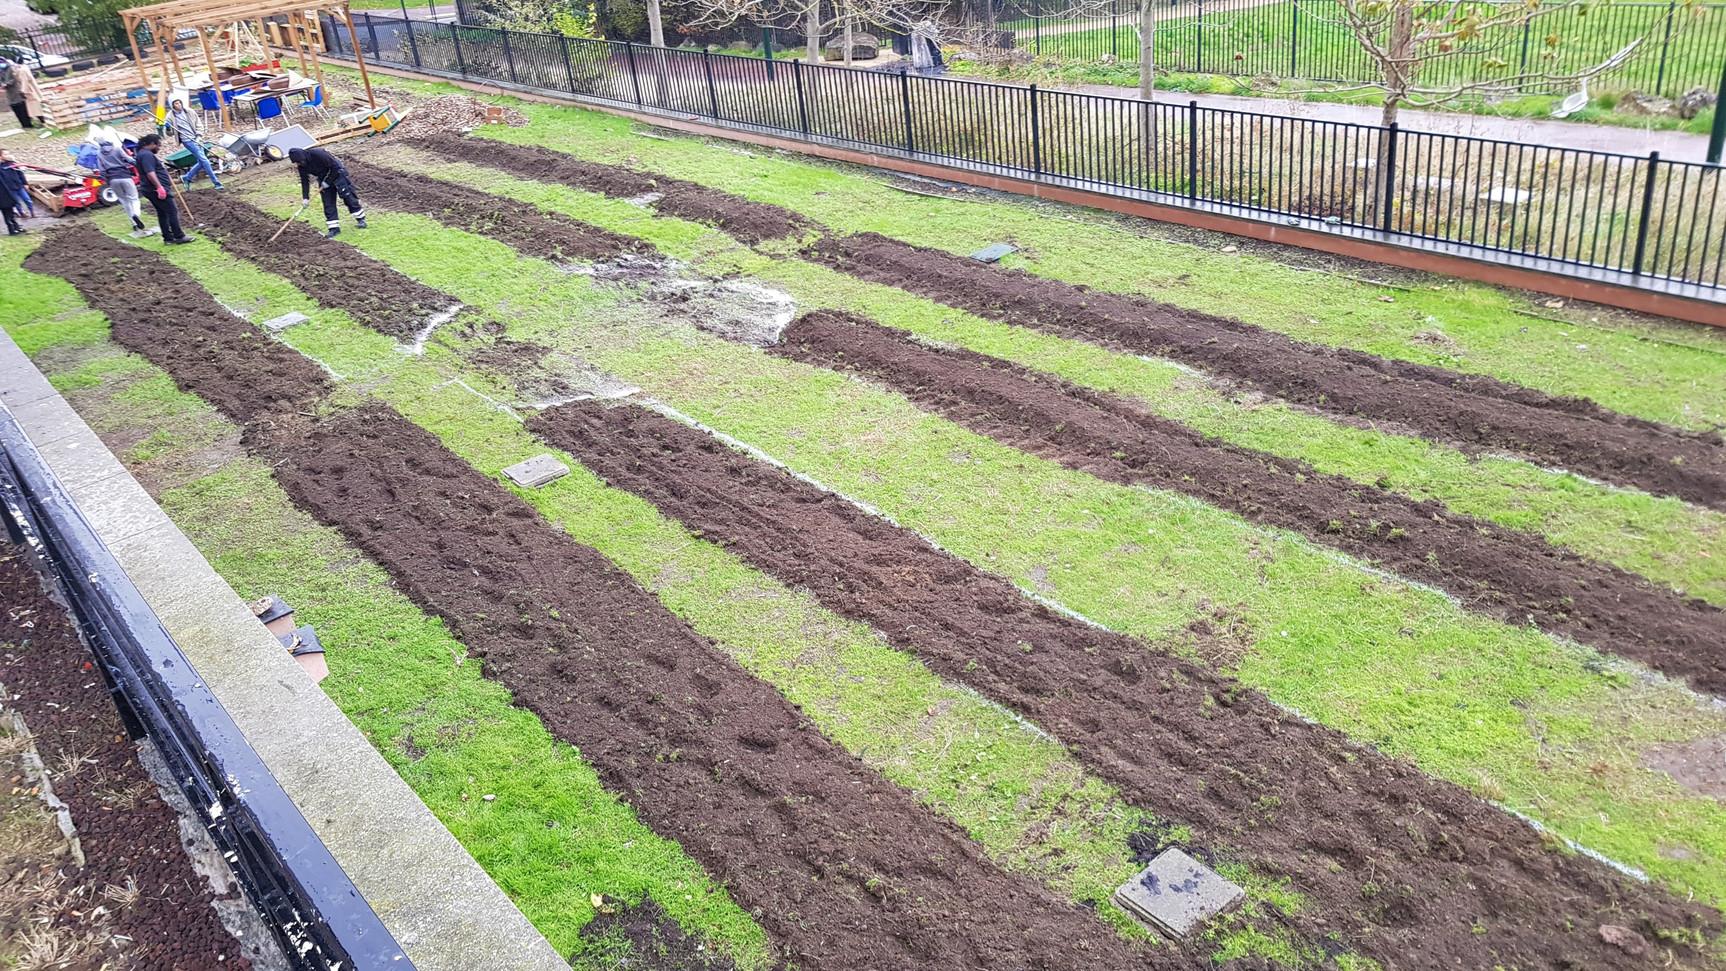 mise en forme des butte de terre (billon)...